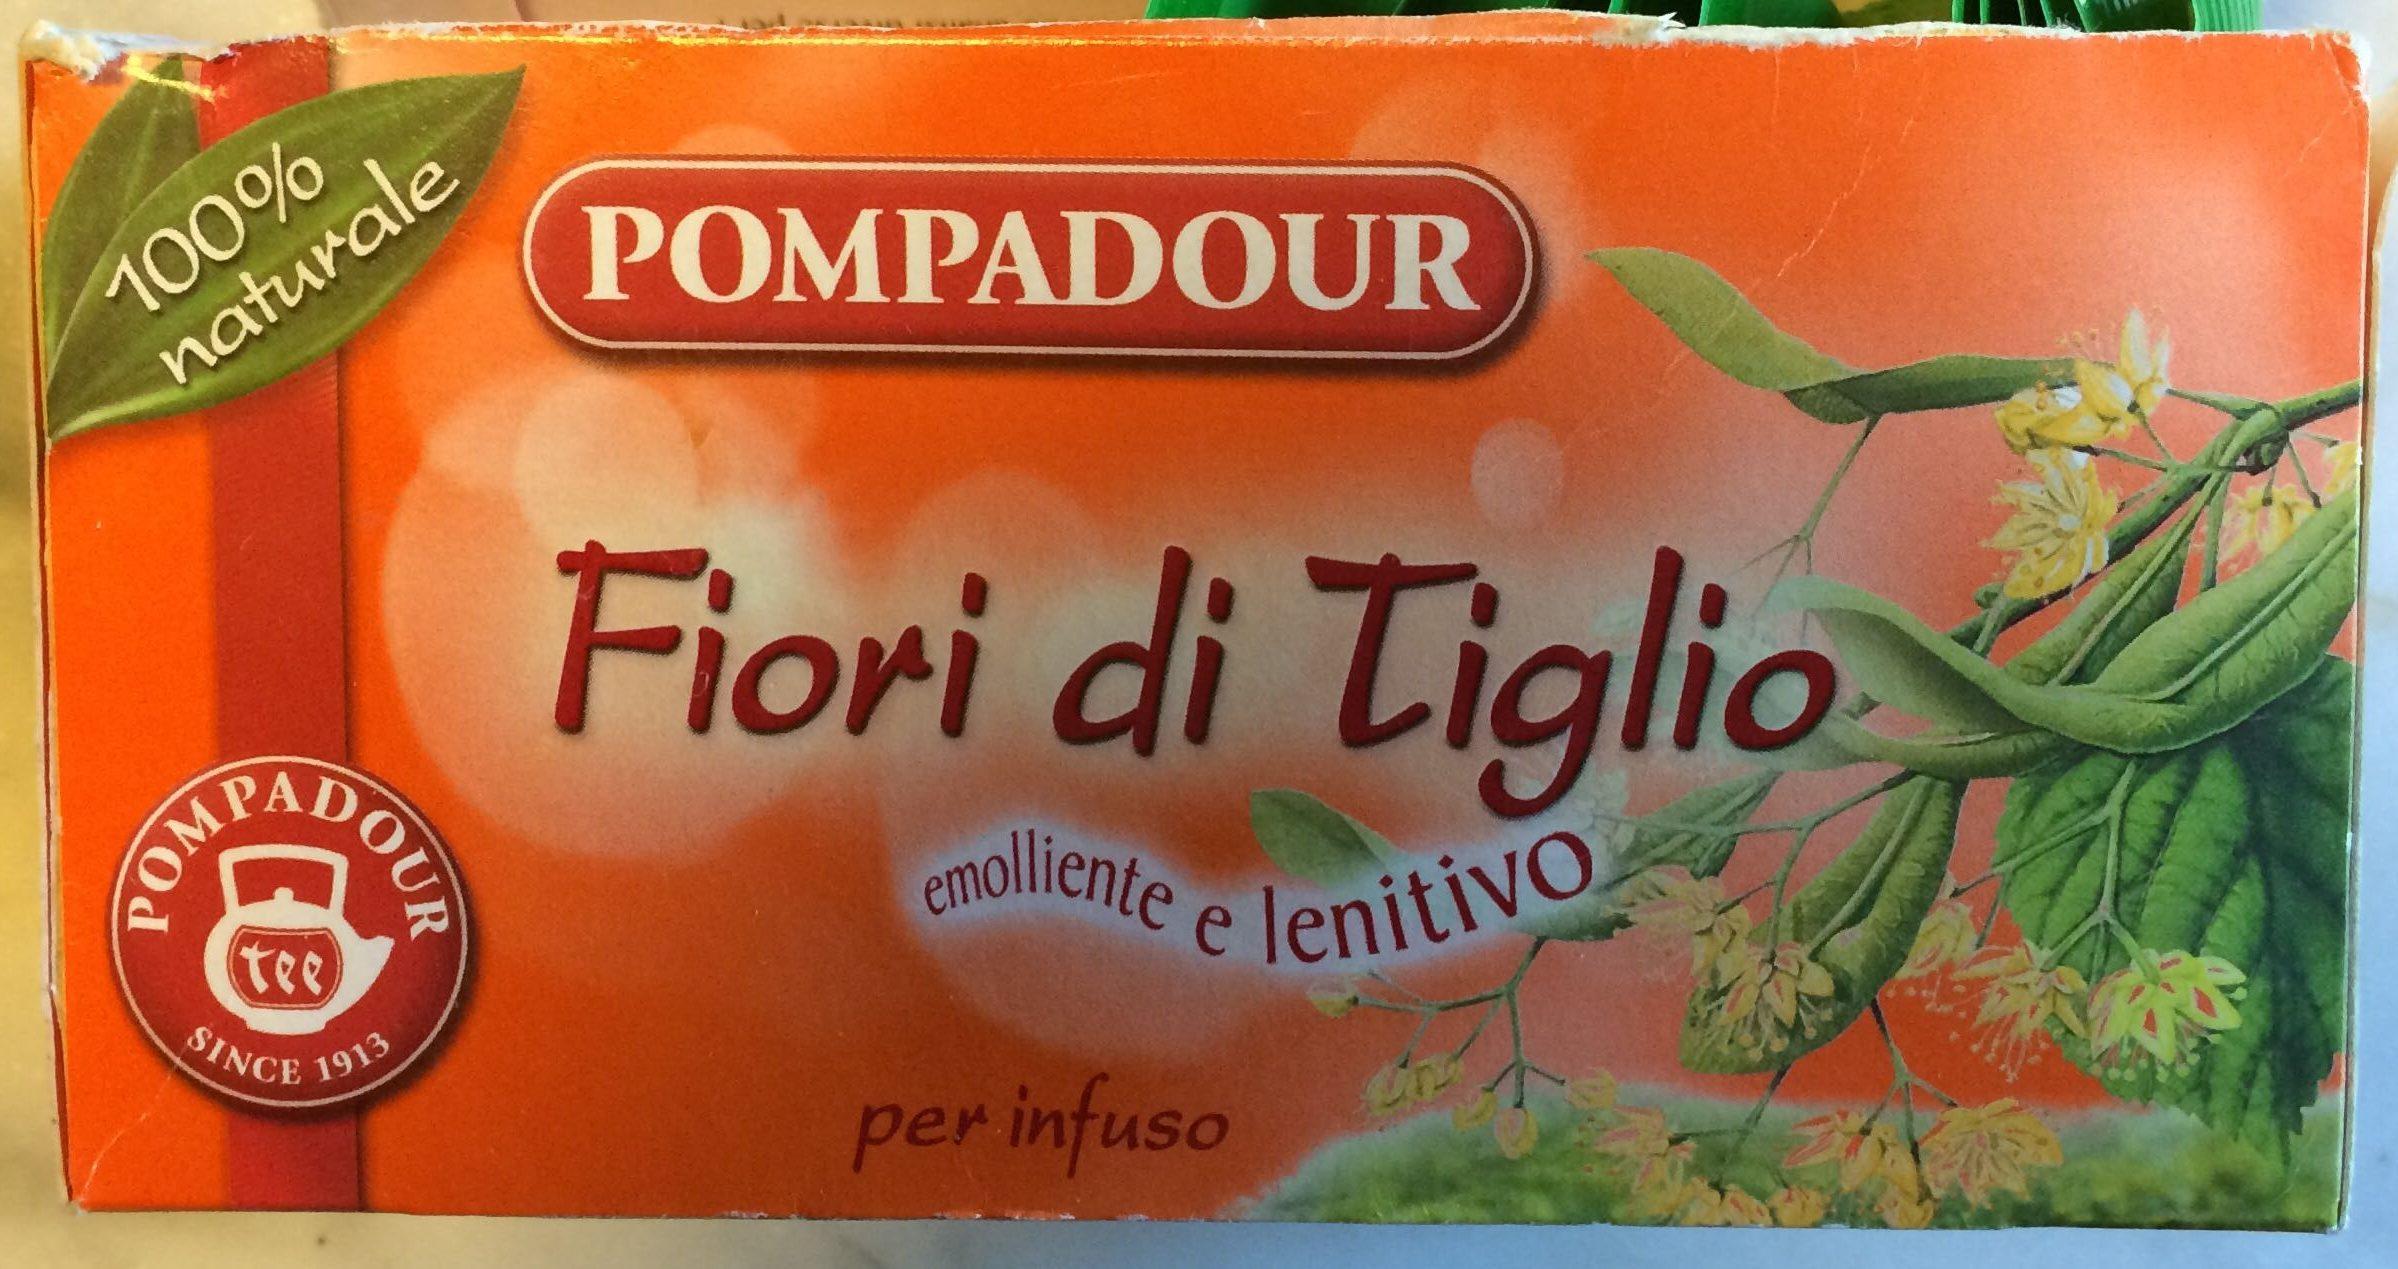 fiori di tiglio - Product - fr